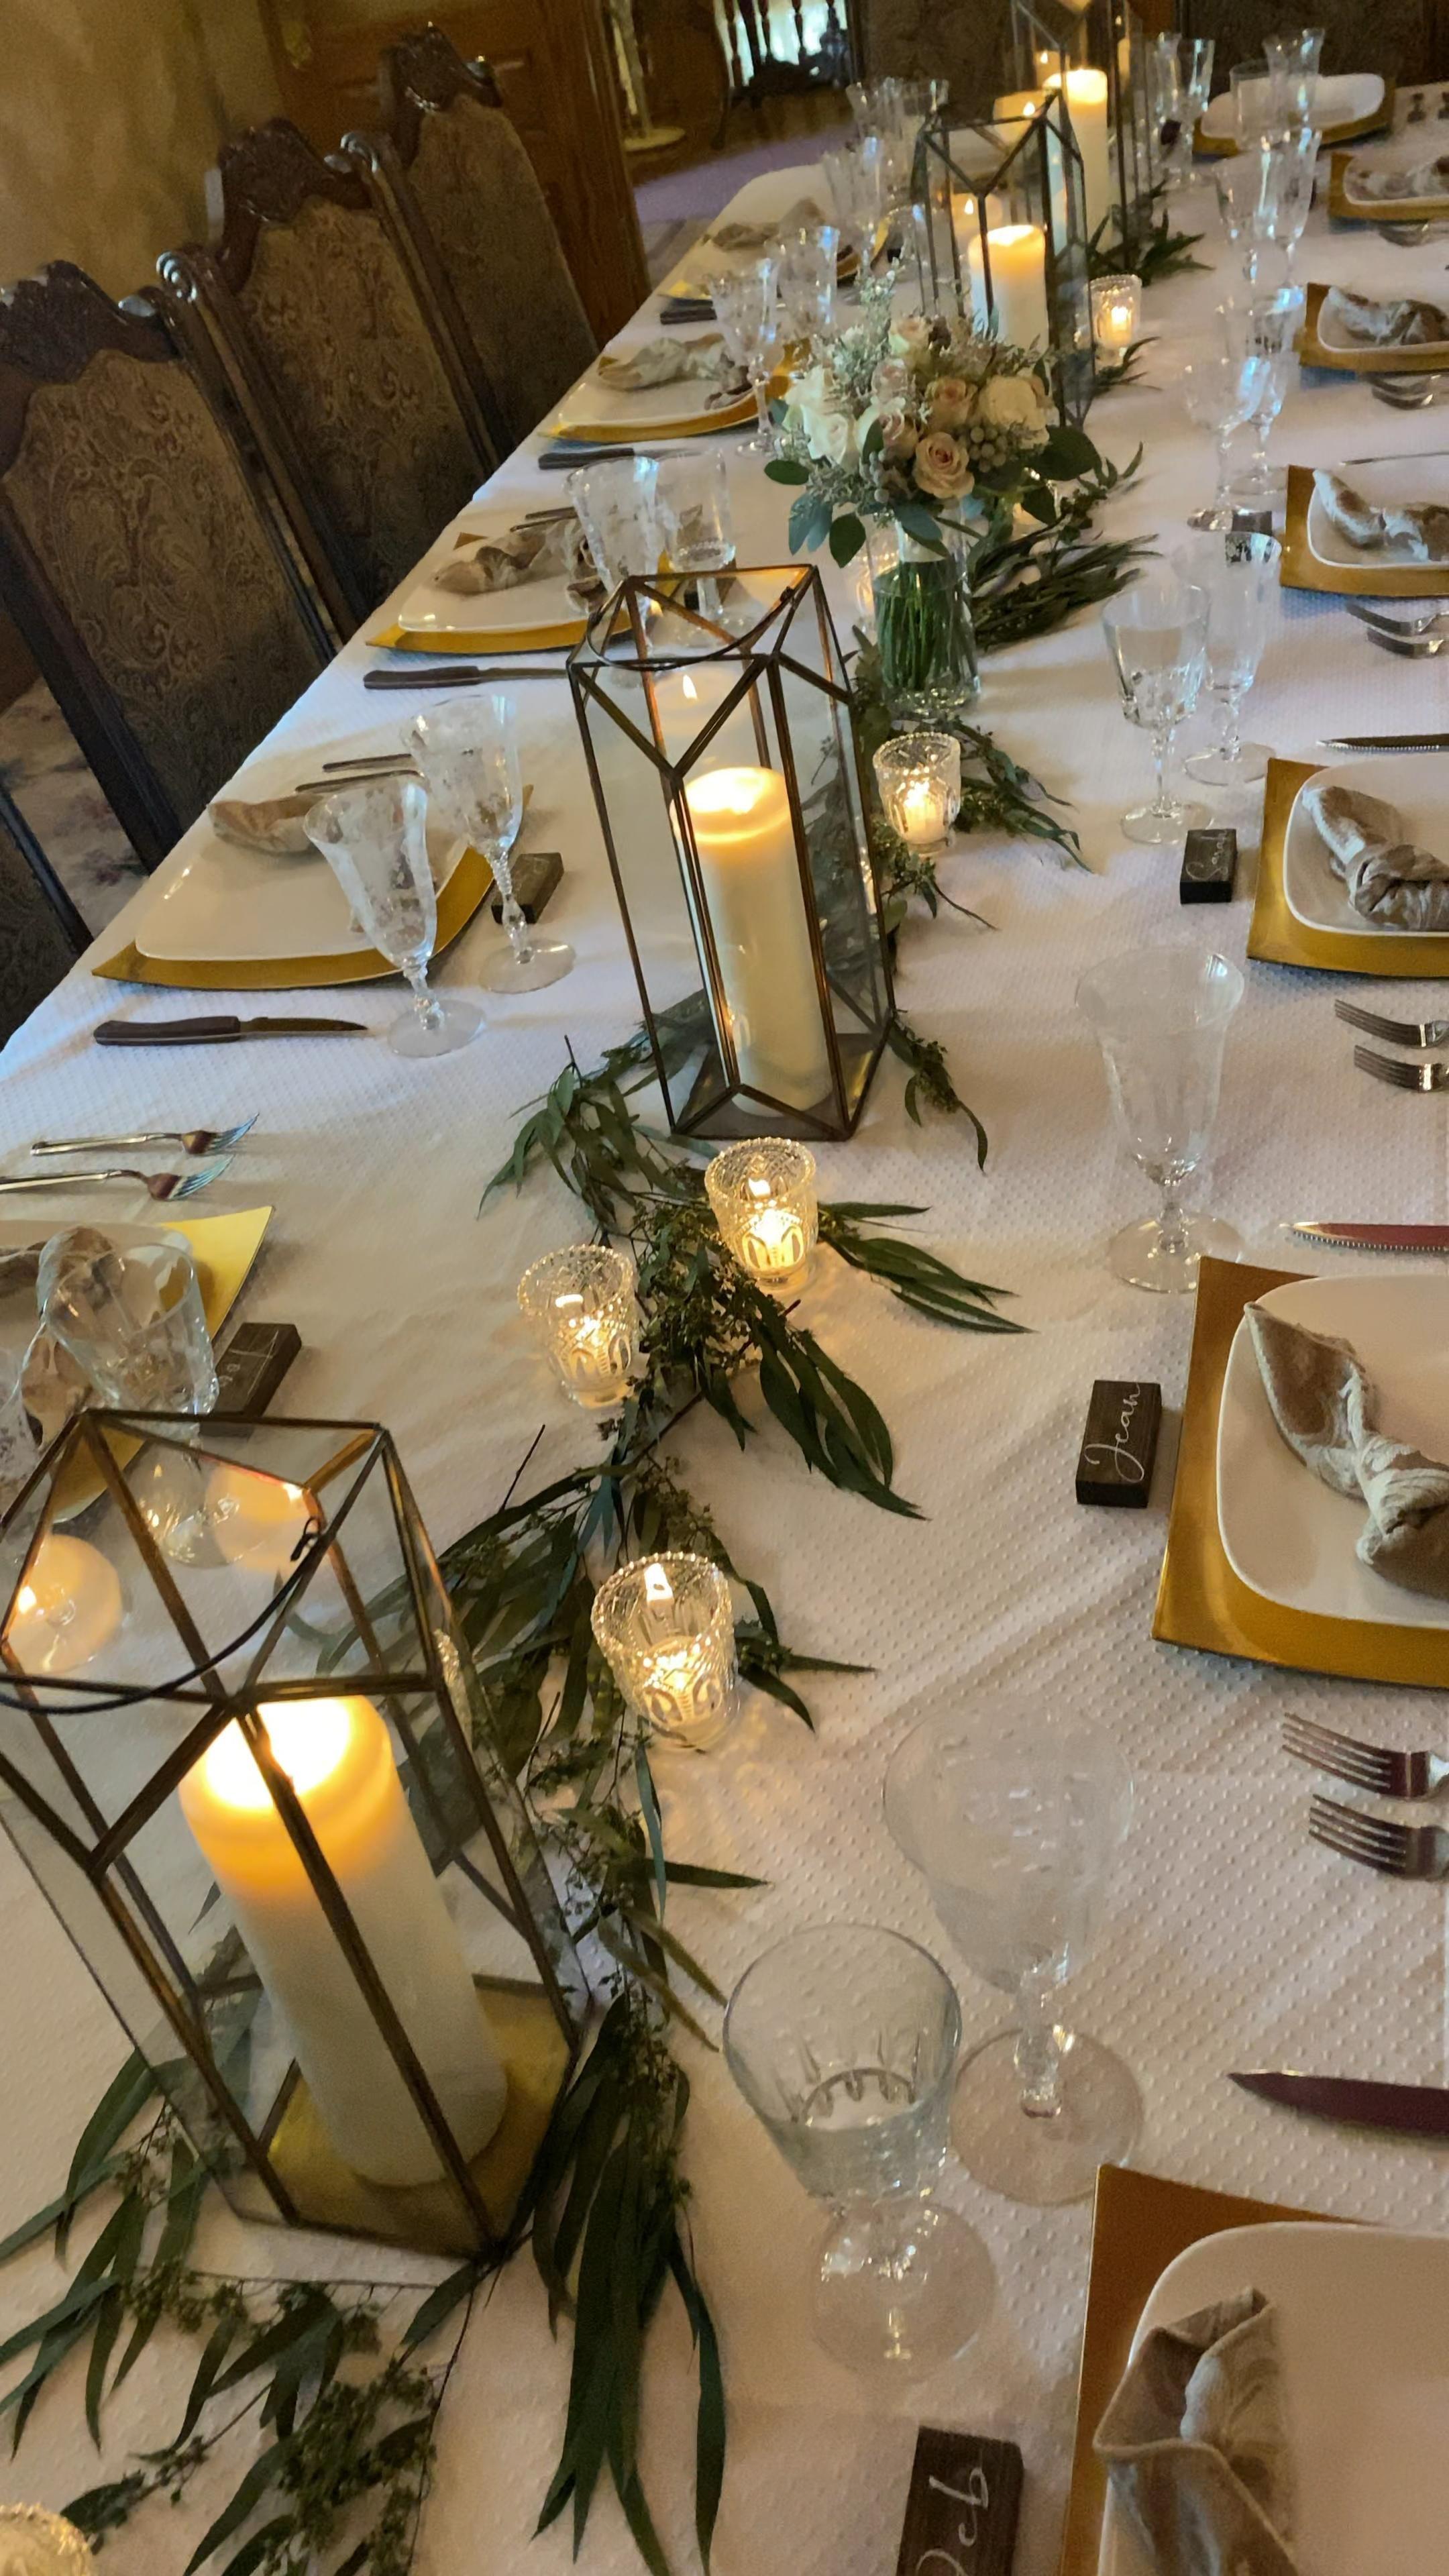 Wedding Centerpieces w/ Lanterns